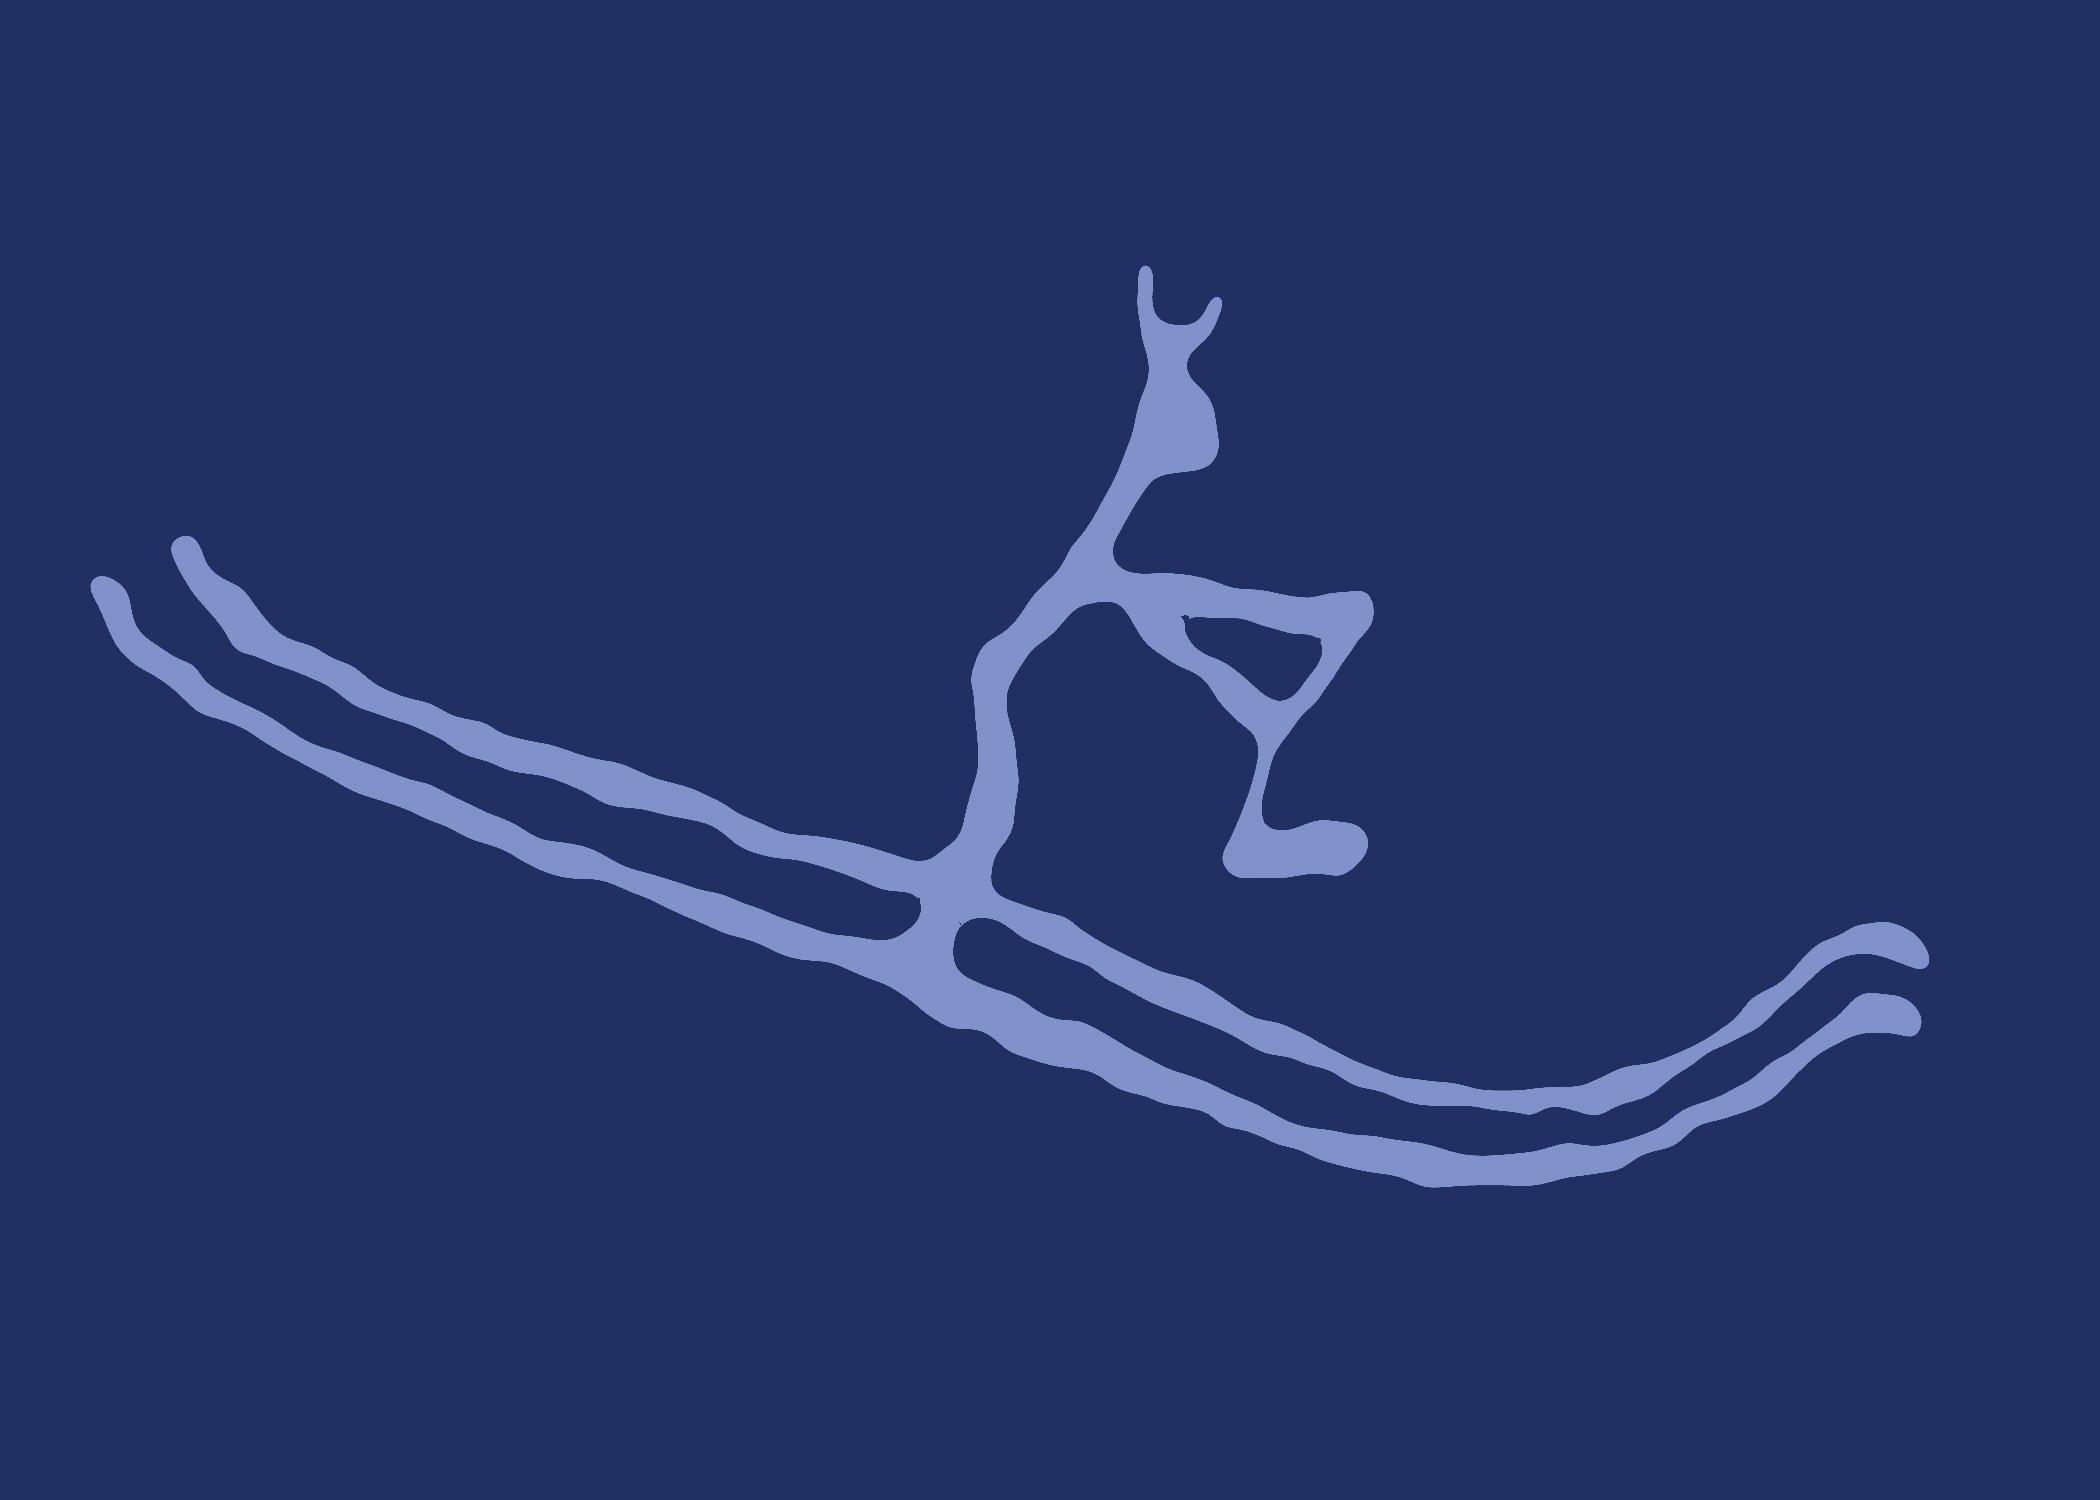 The Rødøy skier - rock carving from 2000 BC - Rødøy, Nordland, Norway. | Illustration: Based on a stamp published by Posten Norge.